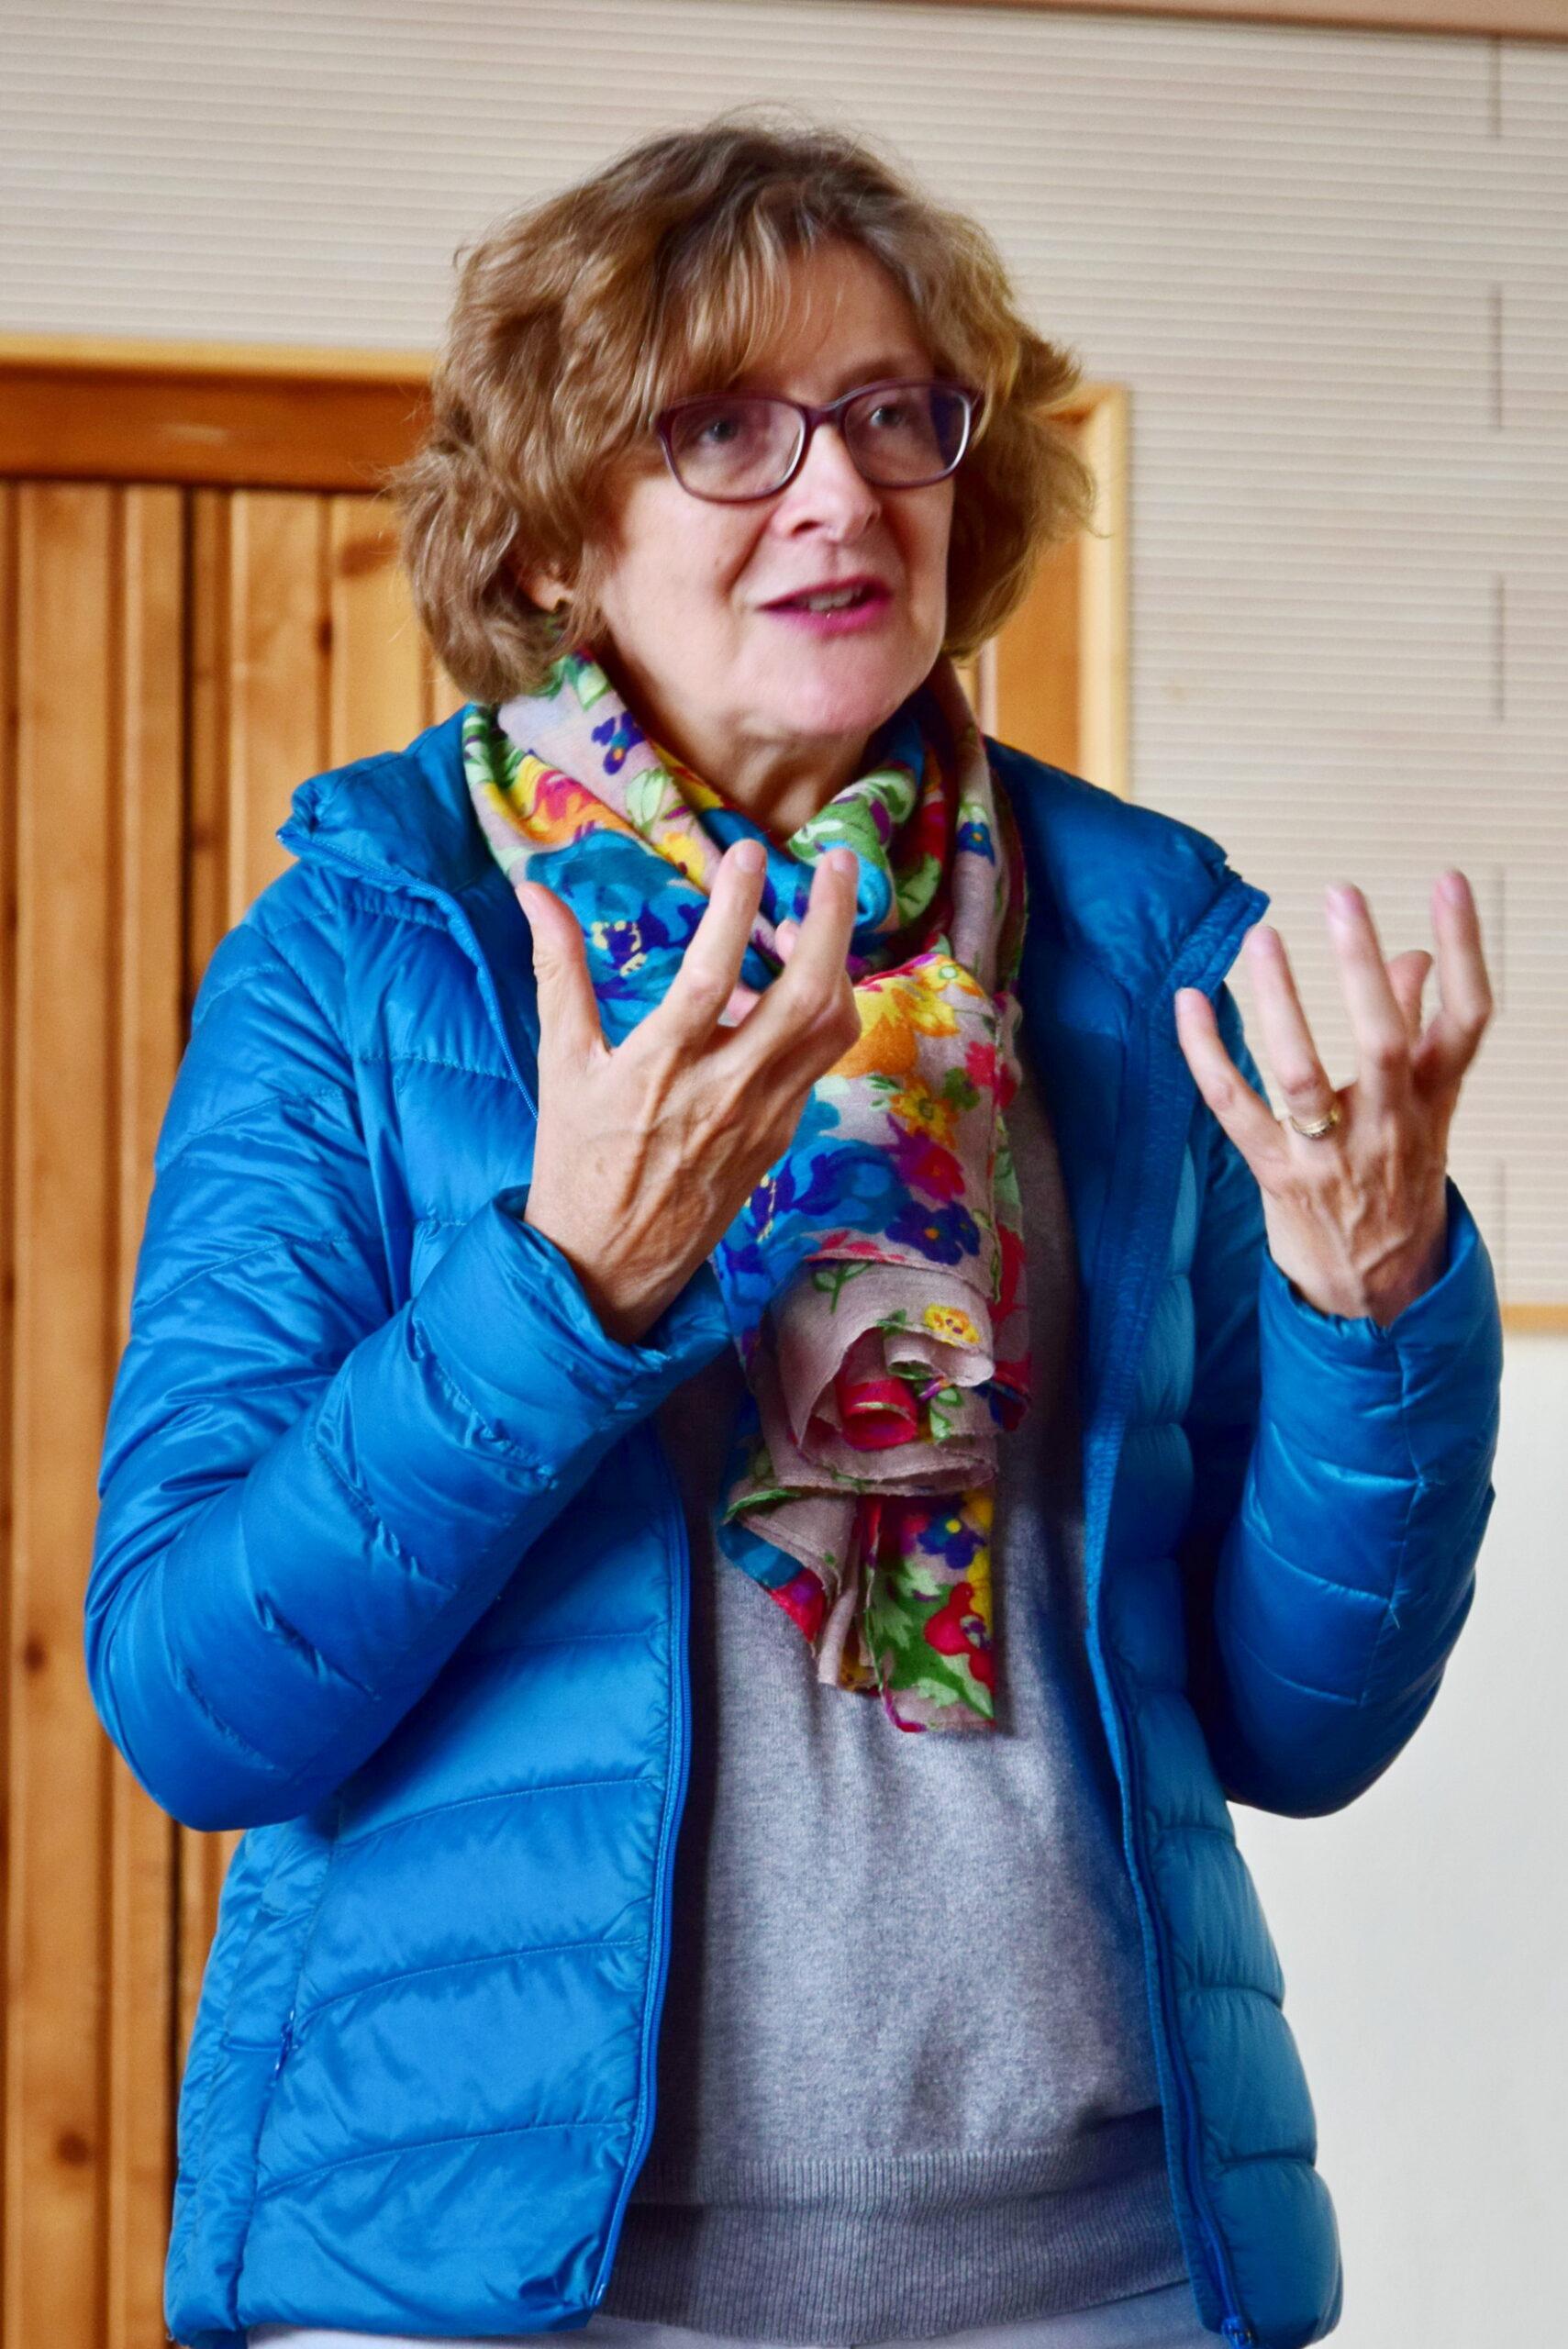 Beatrice von Hirschhausen